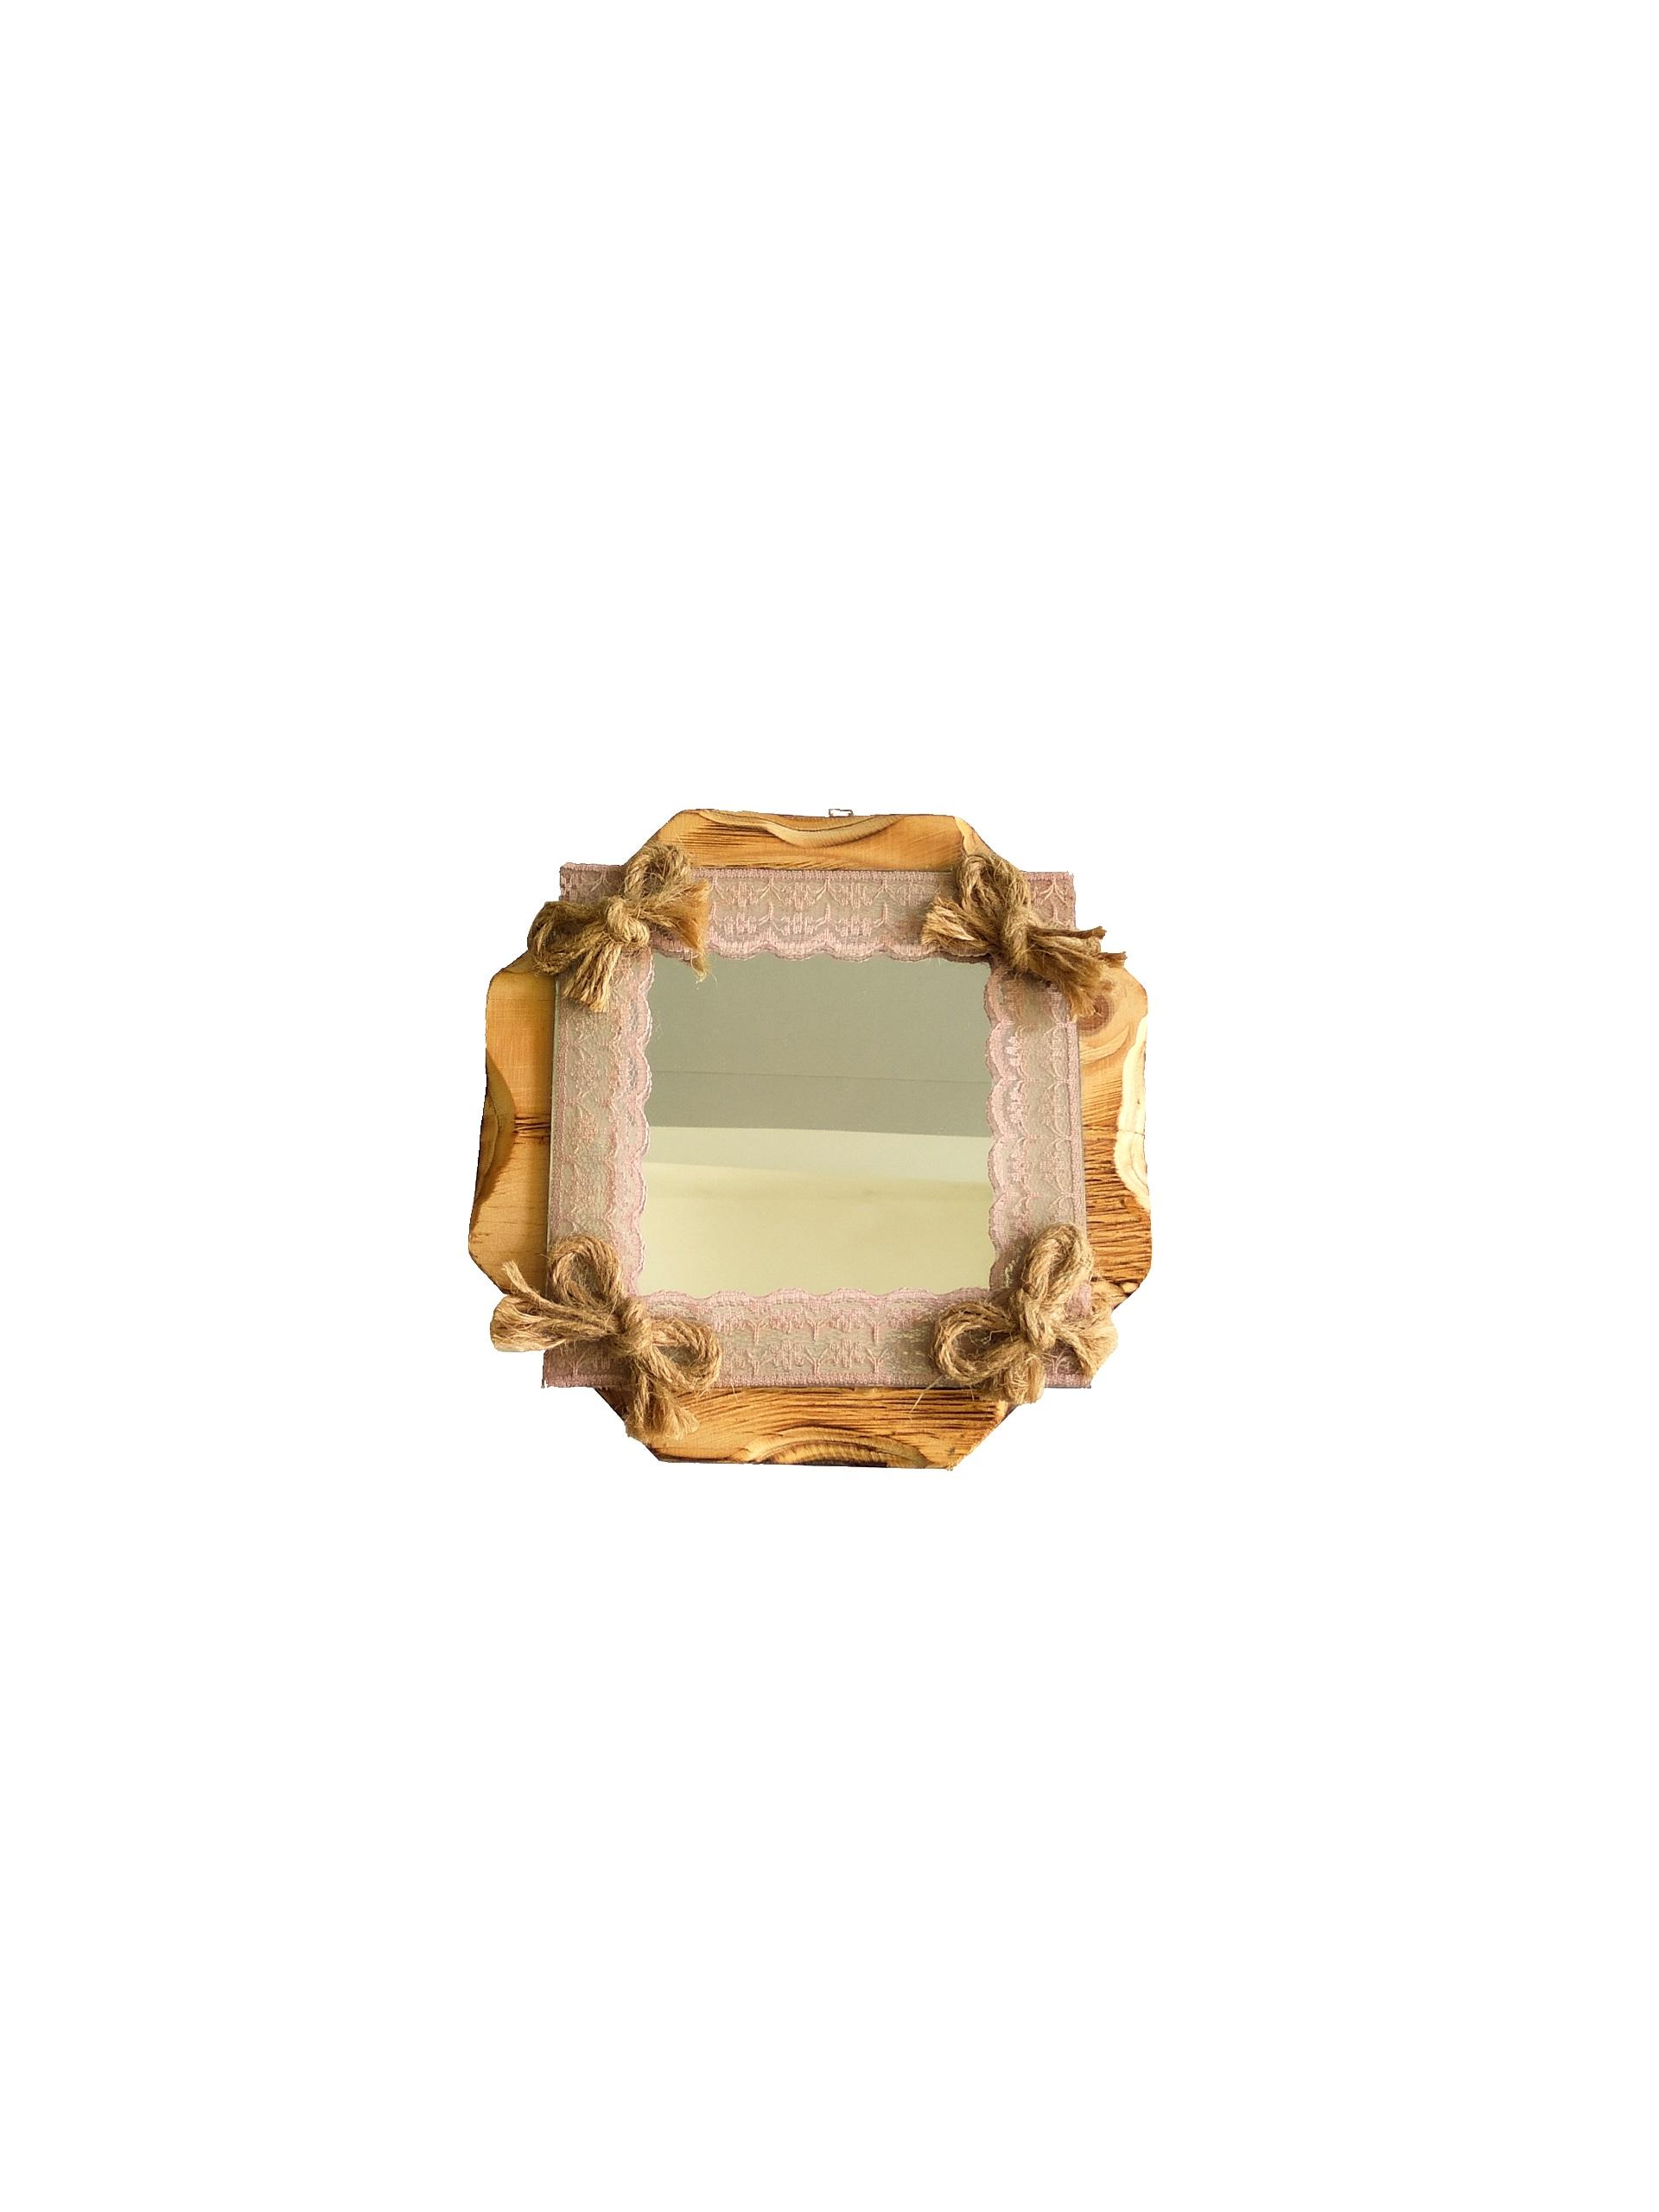 Μίνι καθρέπτης MIR010